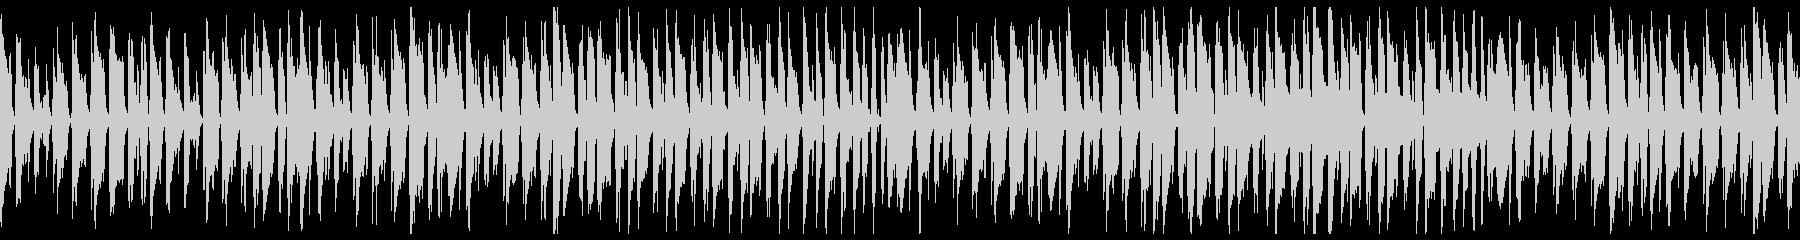 動画に使えるループBGMです。の未再生の波形